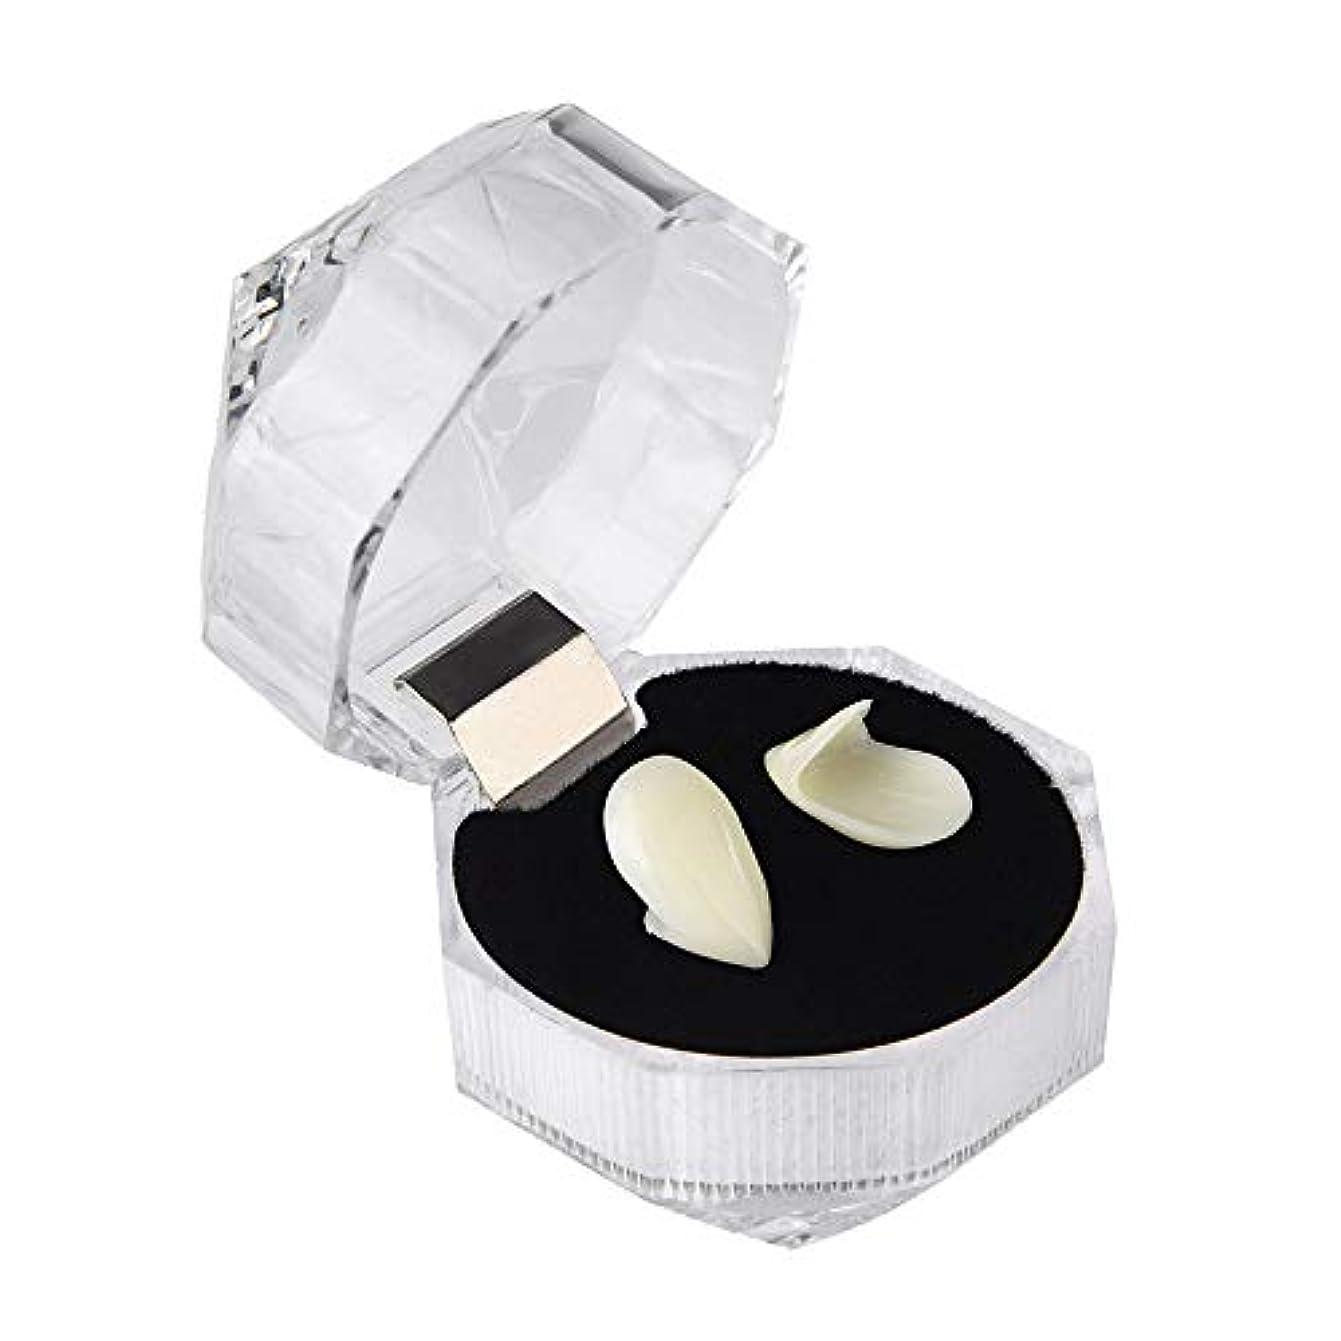 反対する吹きさらし直面するユニセックスハロウィンロールプレイングゾンビ義歯、樹脂にやさしい食品グレード義歯(歯のジェル付き),13mm